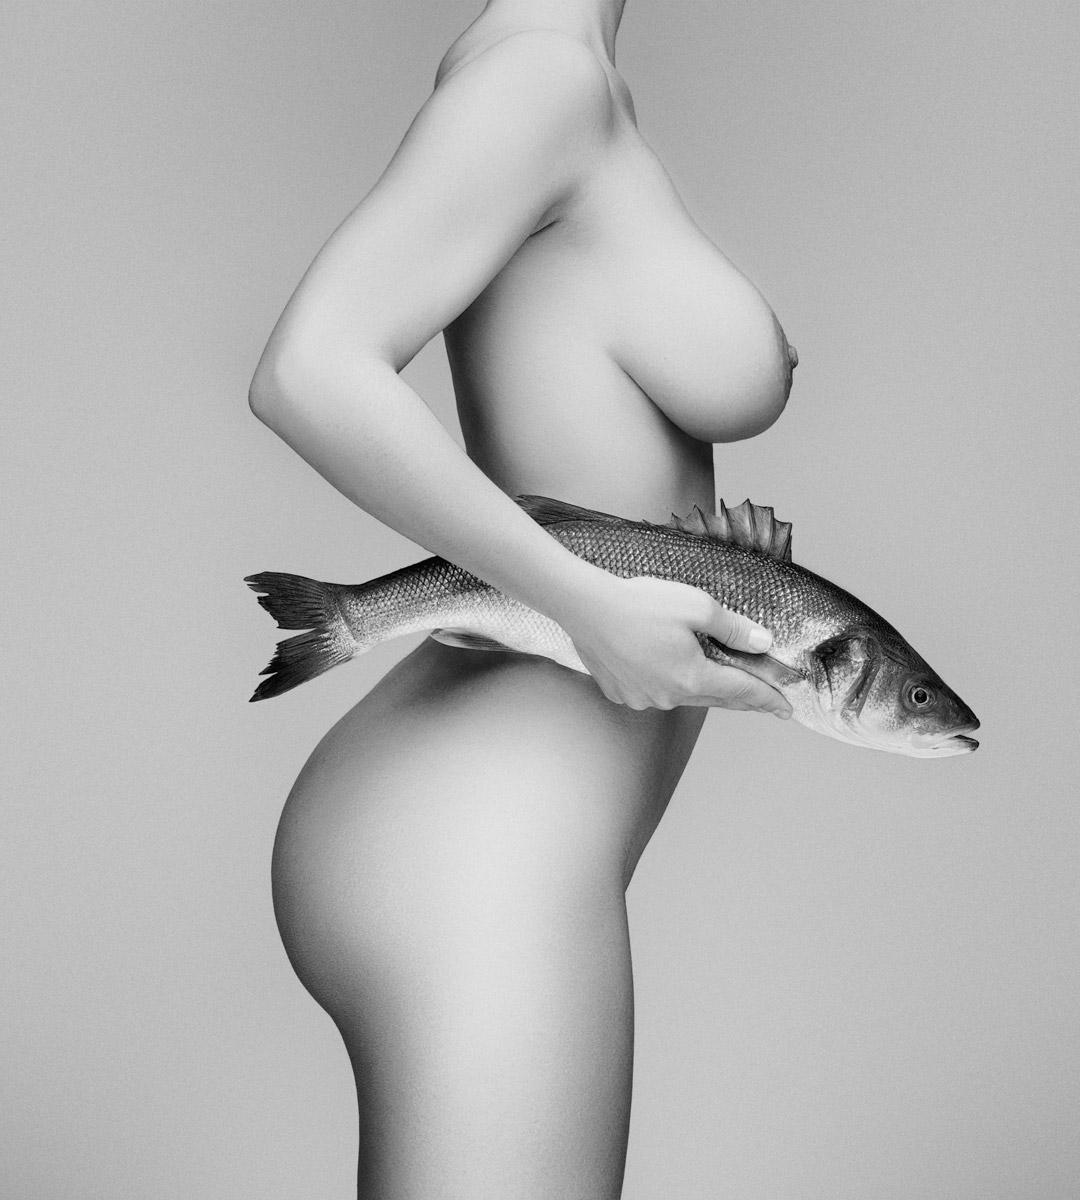 Зодиак, © Антонио Пейнадо / Antonio Peinado, Испания, Почётный отзыв, Фотоконкурс «Чёрно-белая фотография» — Black & White Photography Awards — Журнал Dodho